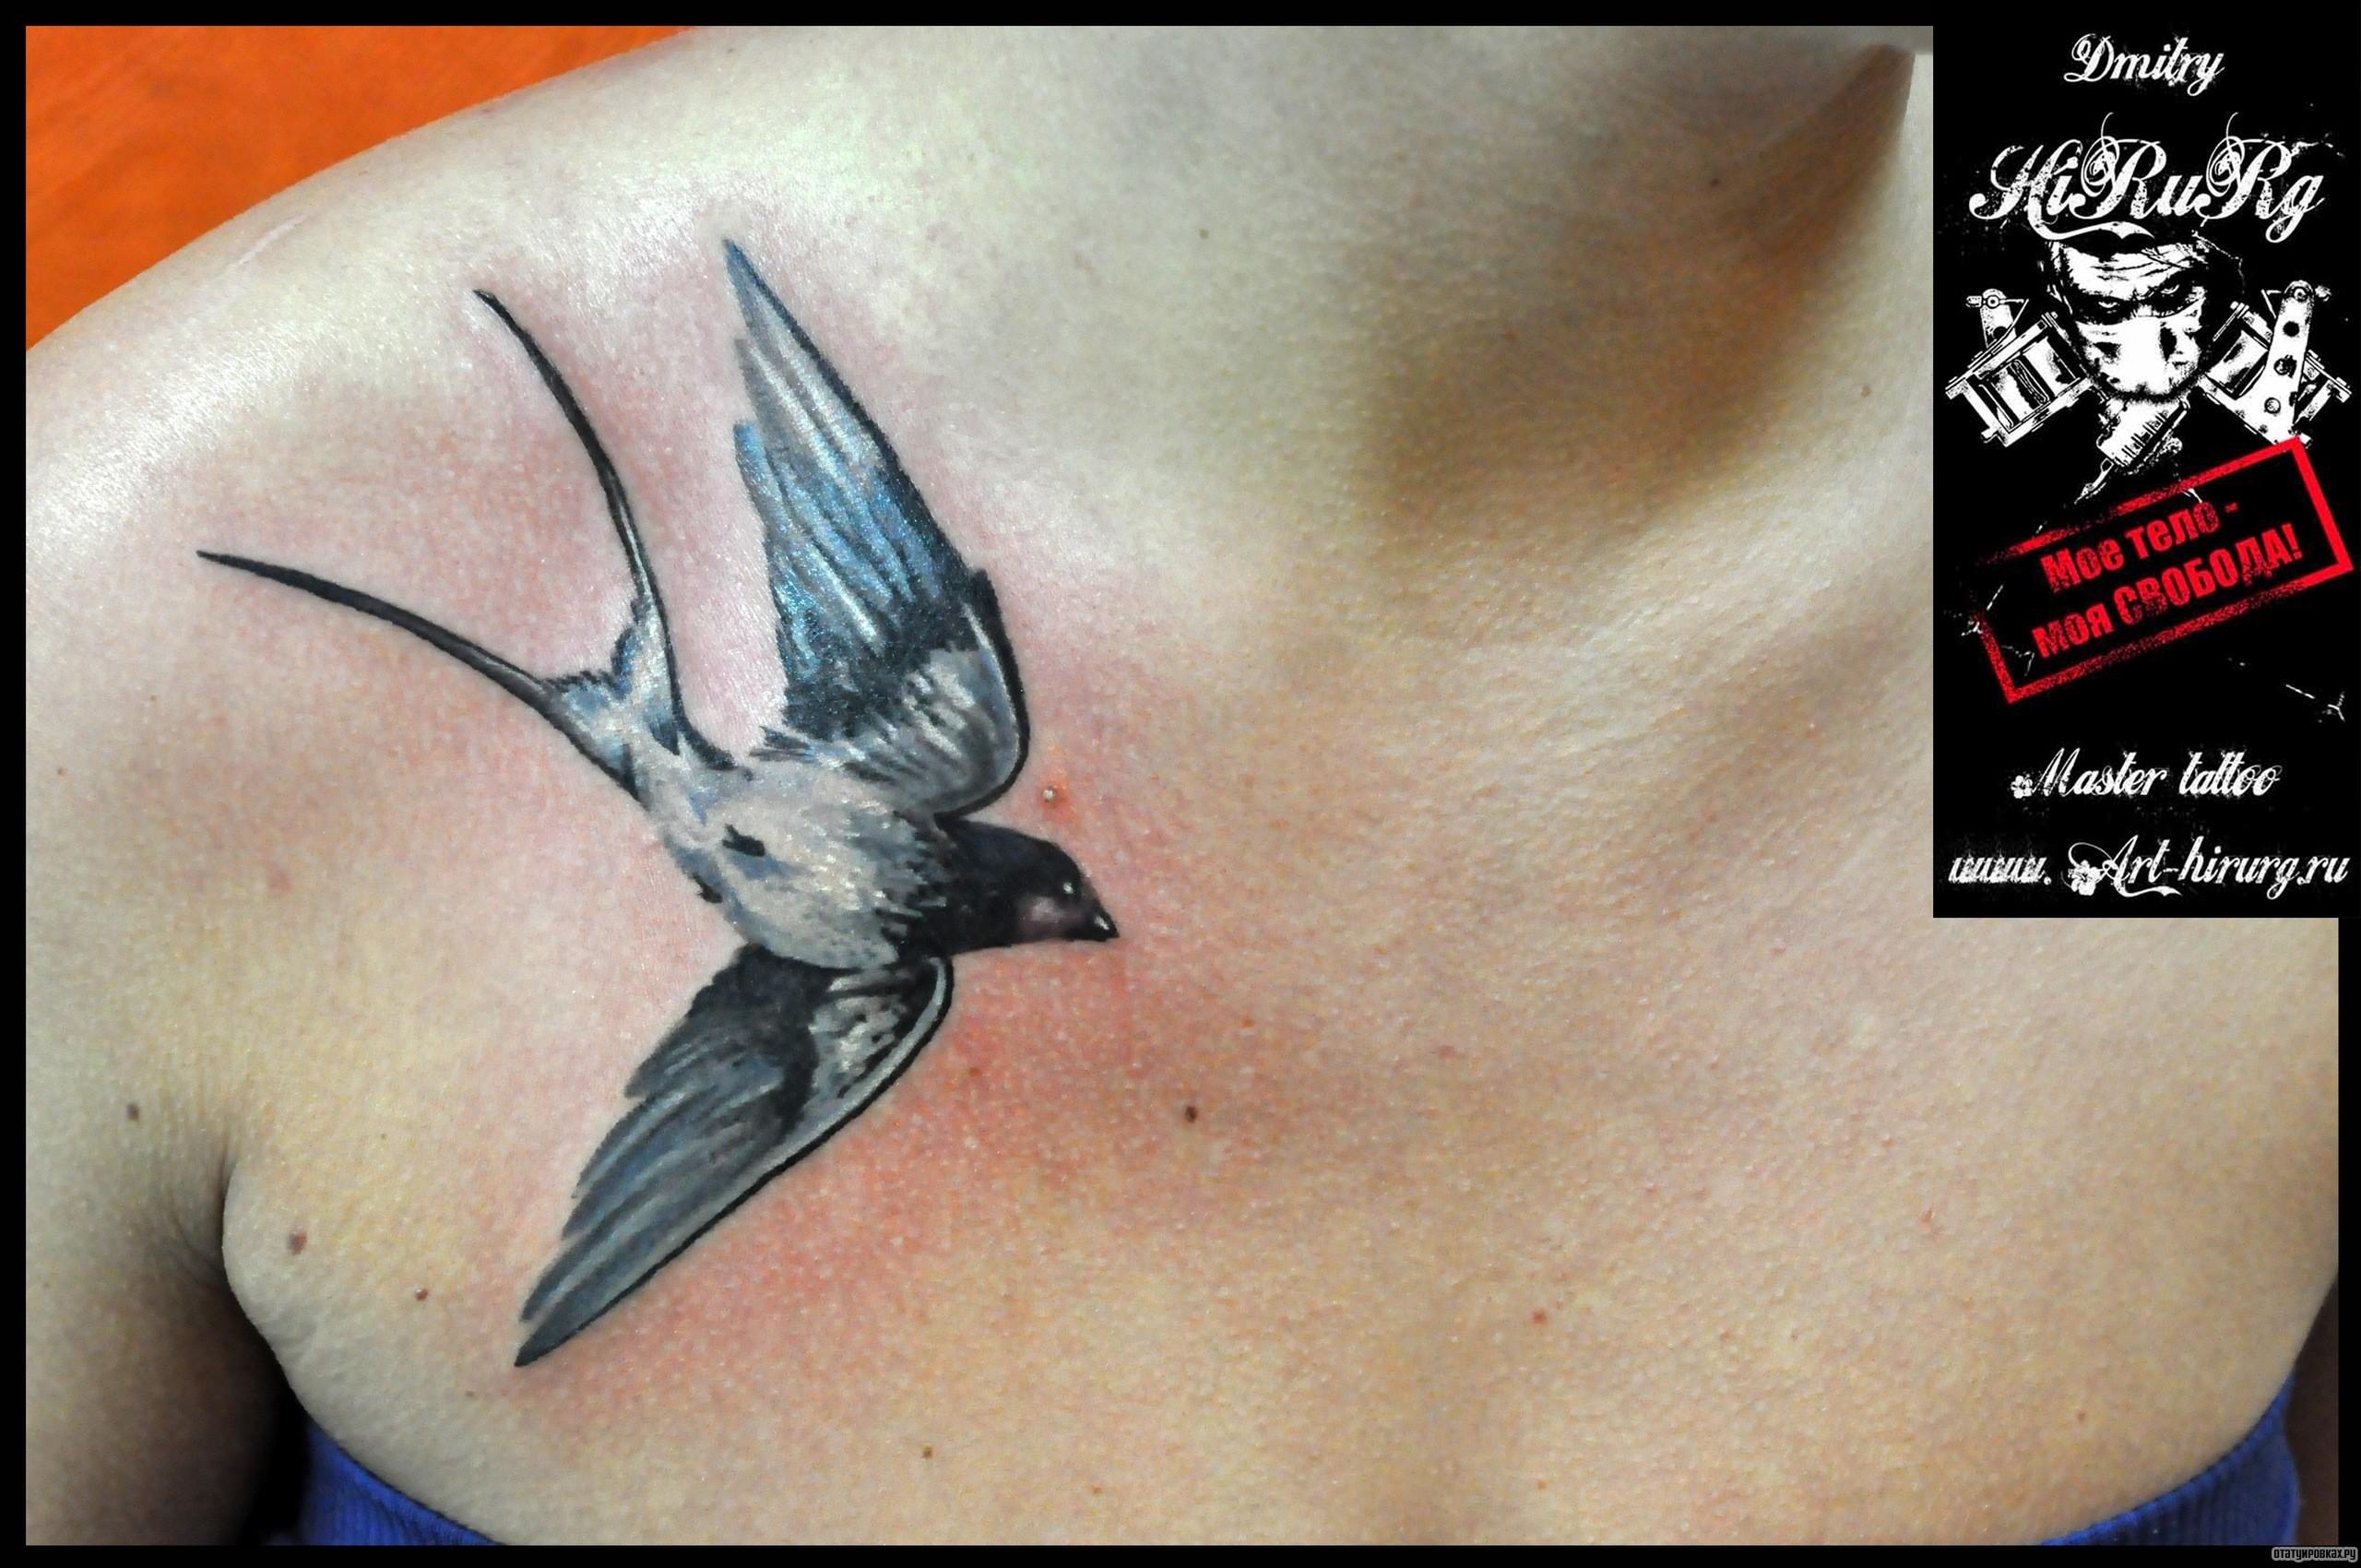 Татуировка ласточка: 50 фото. Символизм, значение и эскизы